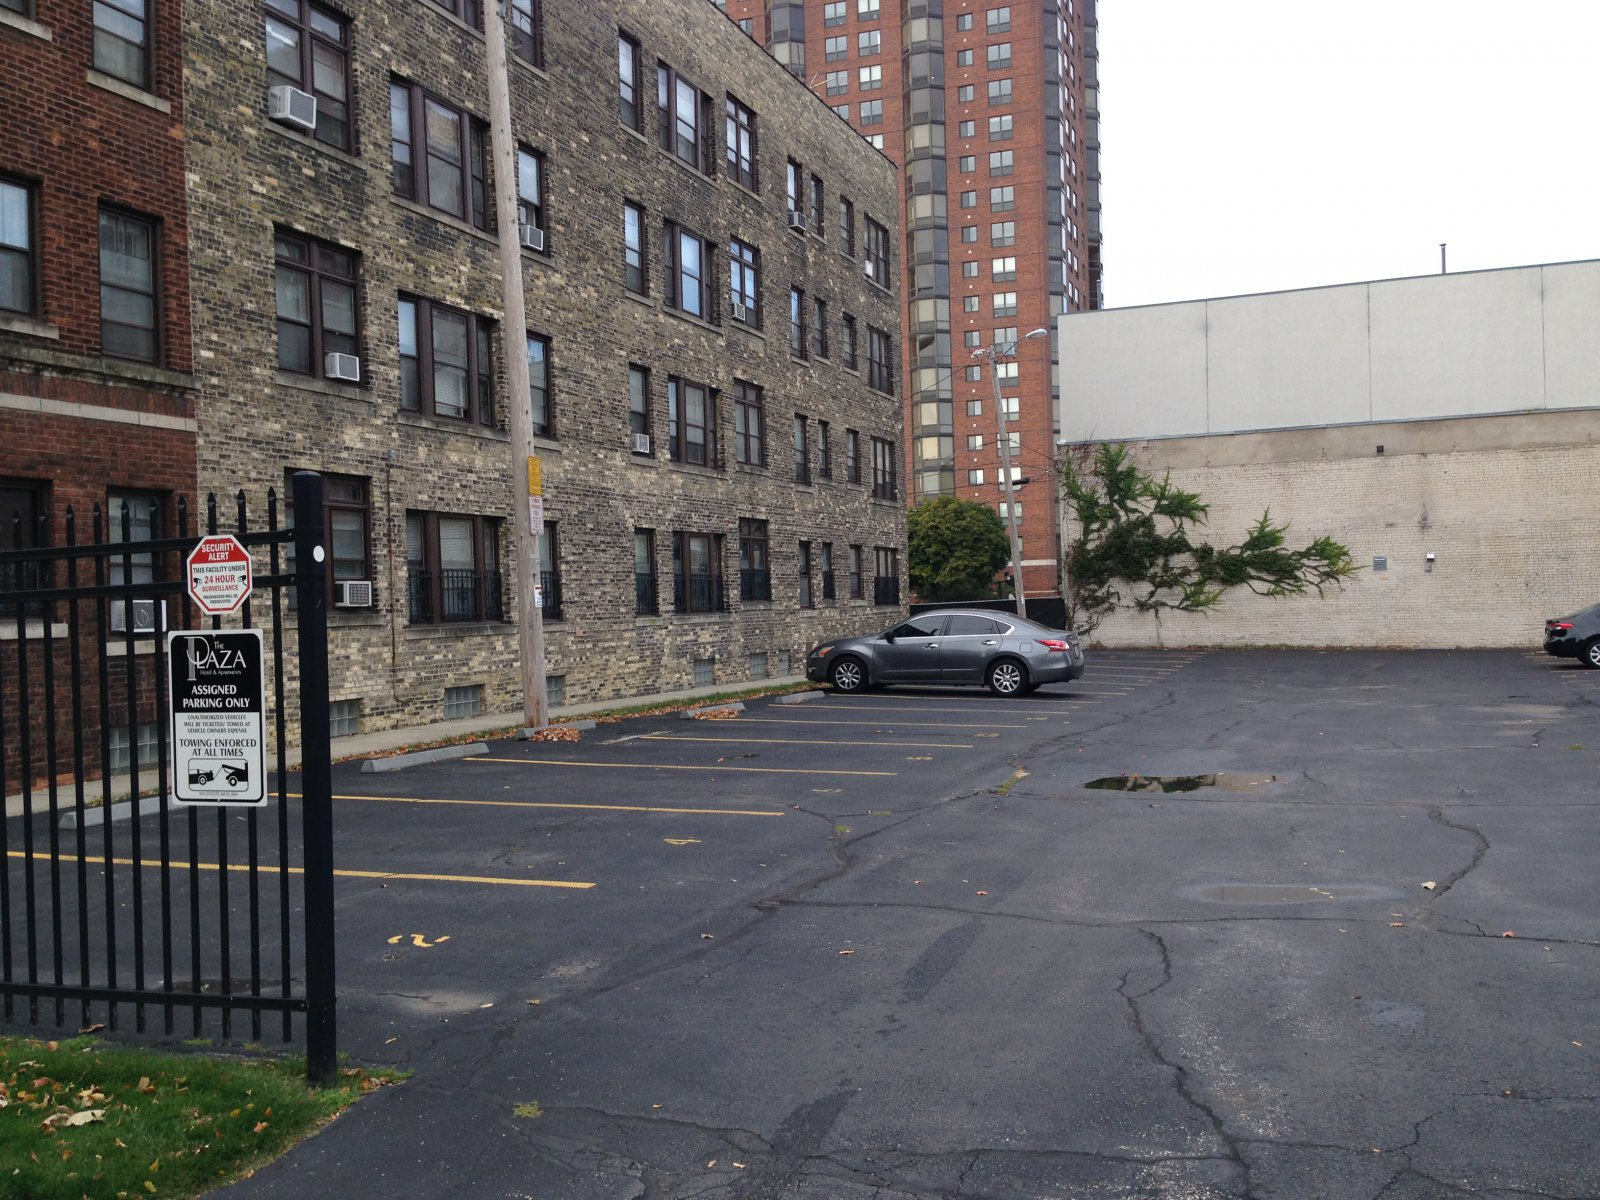 945 N. Cass St.